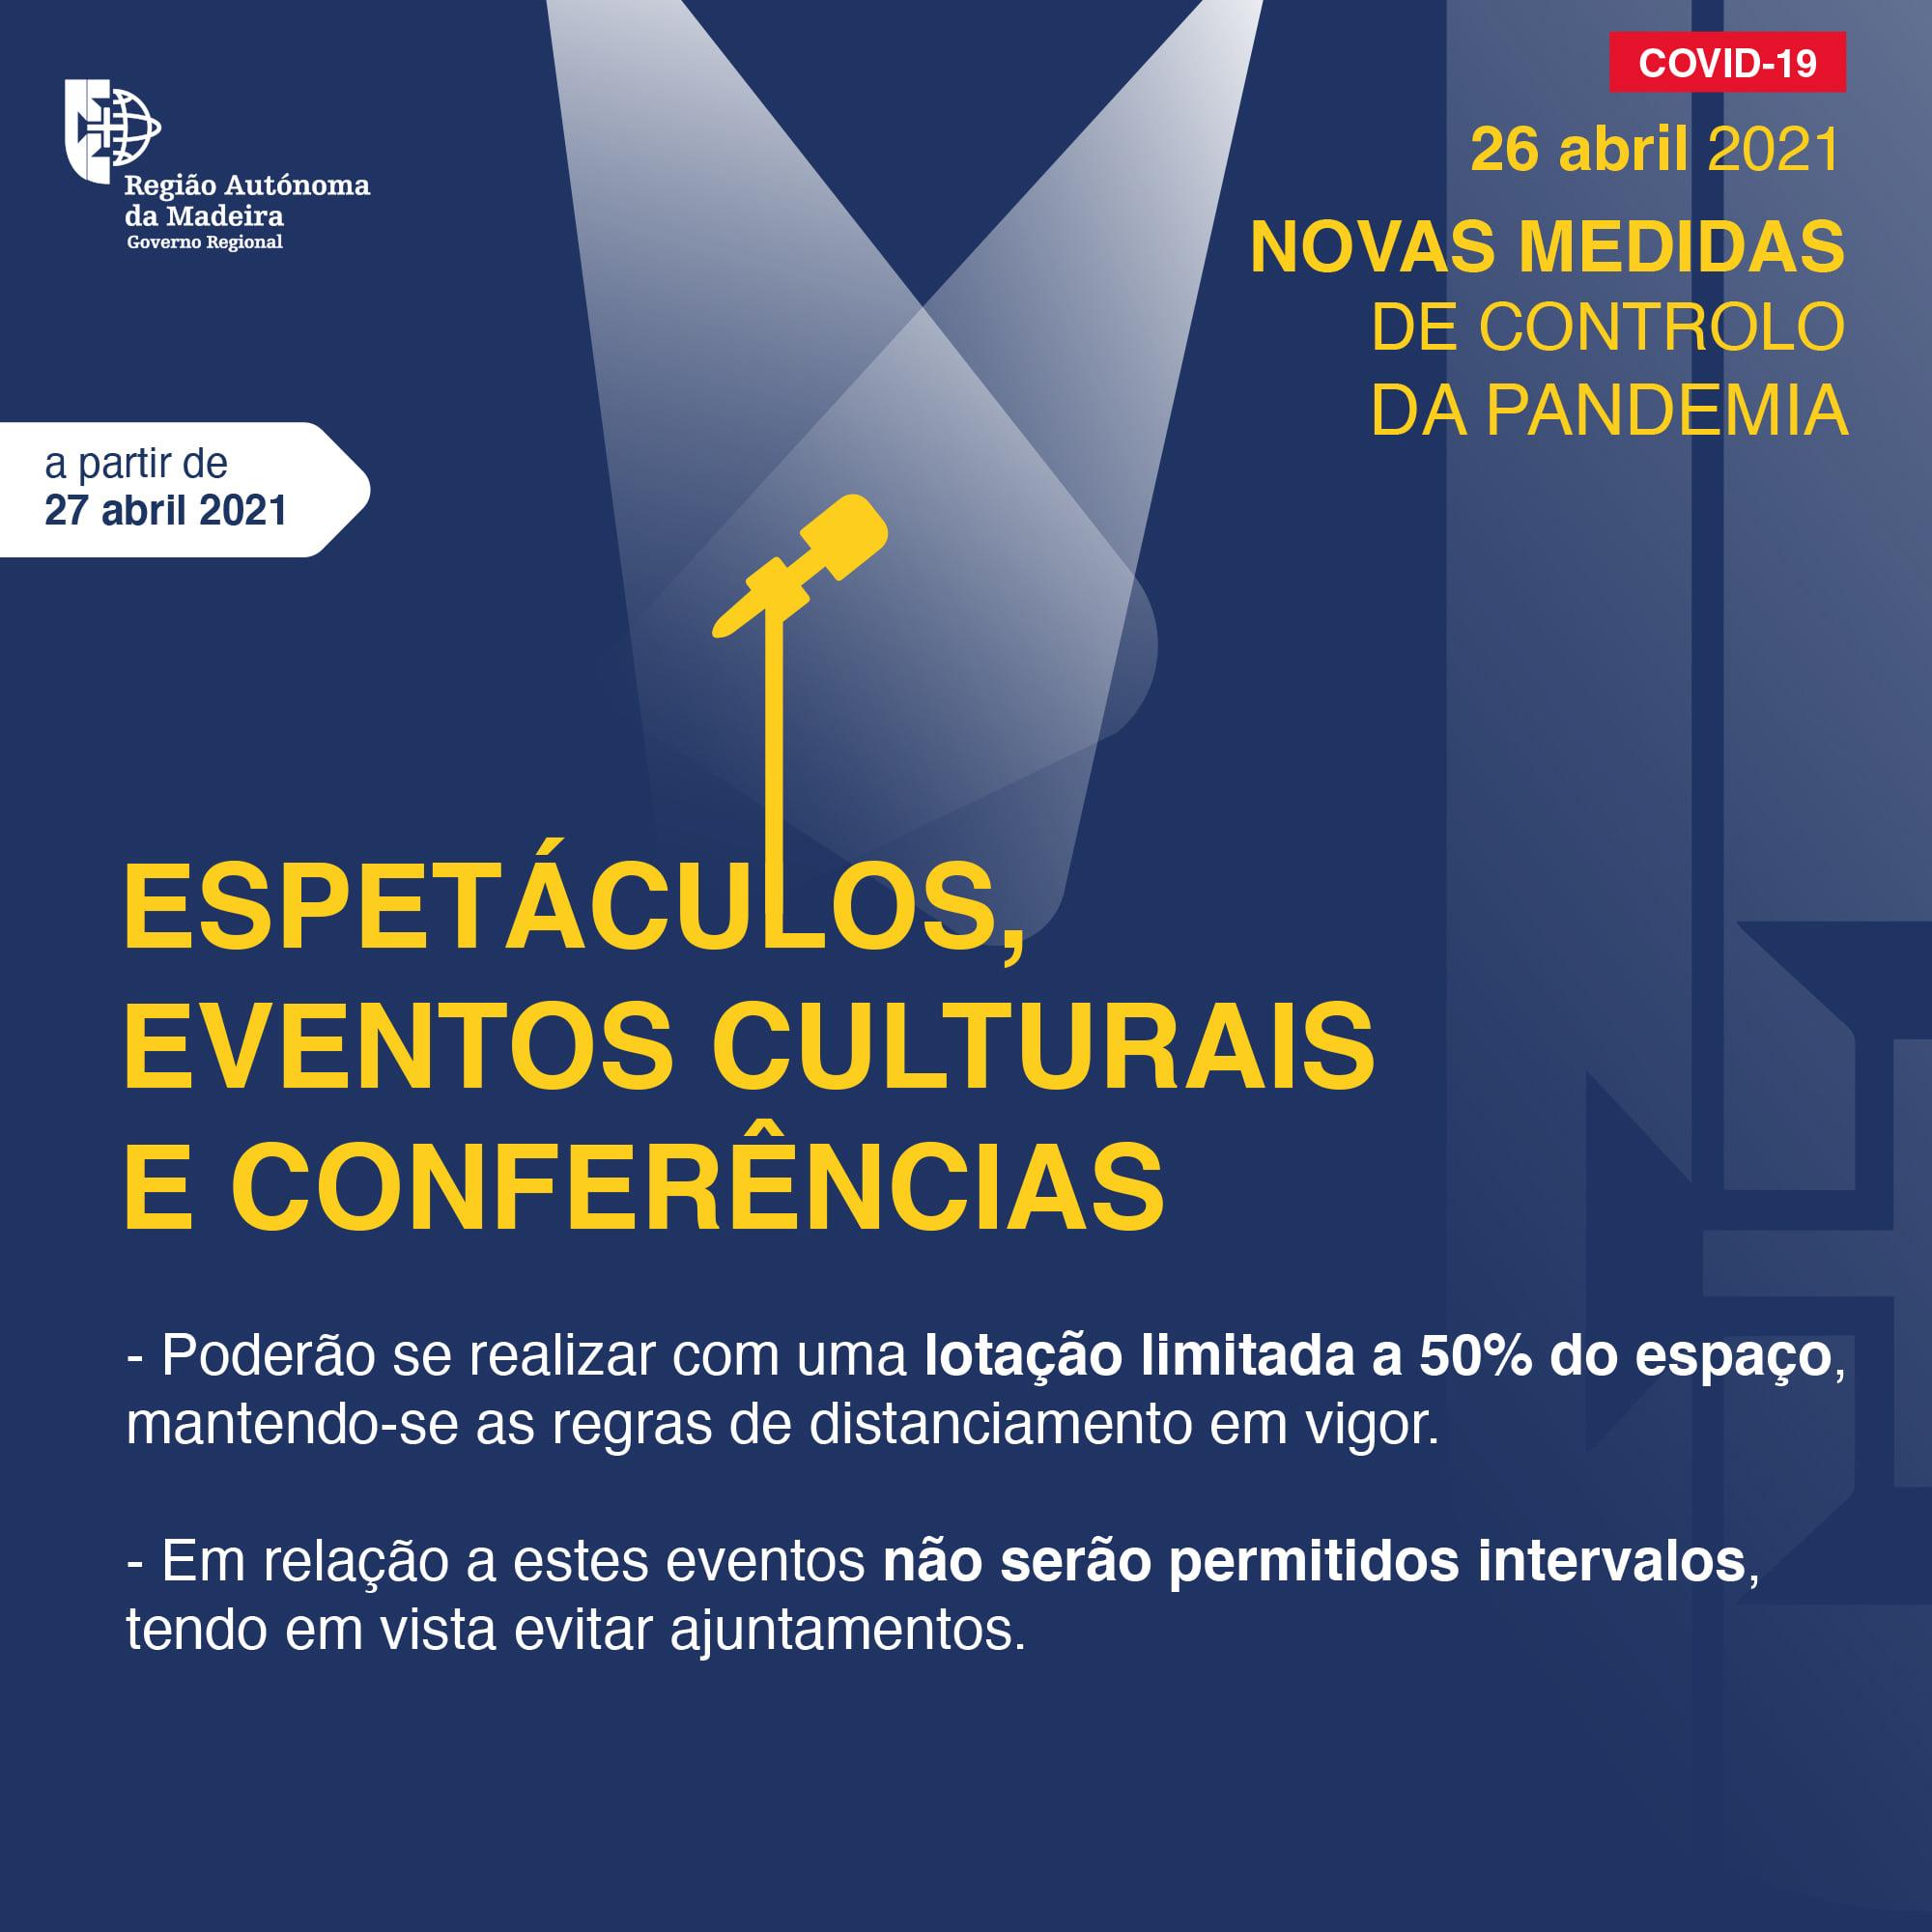 Espetáculos, Eventos Culturais e Conferências